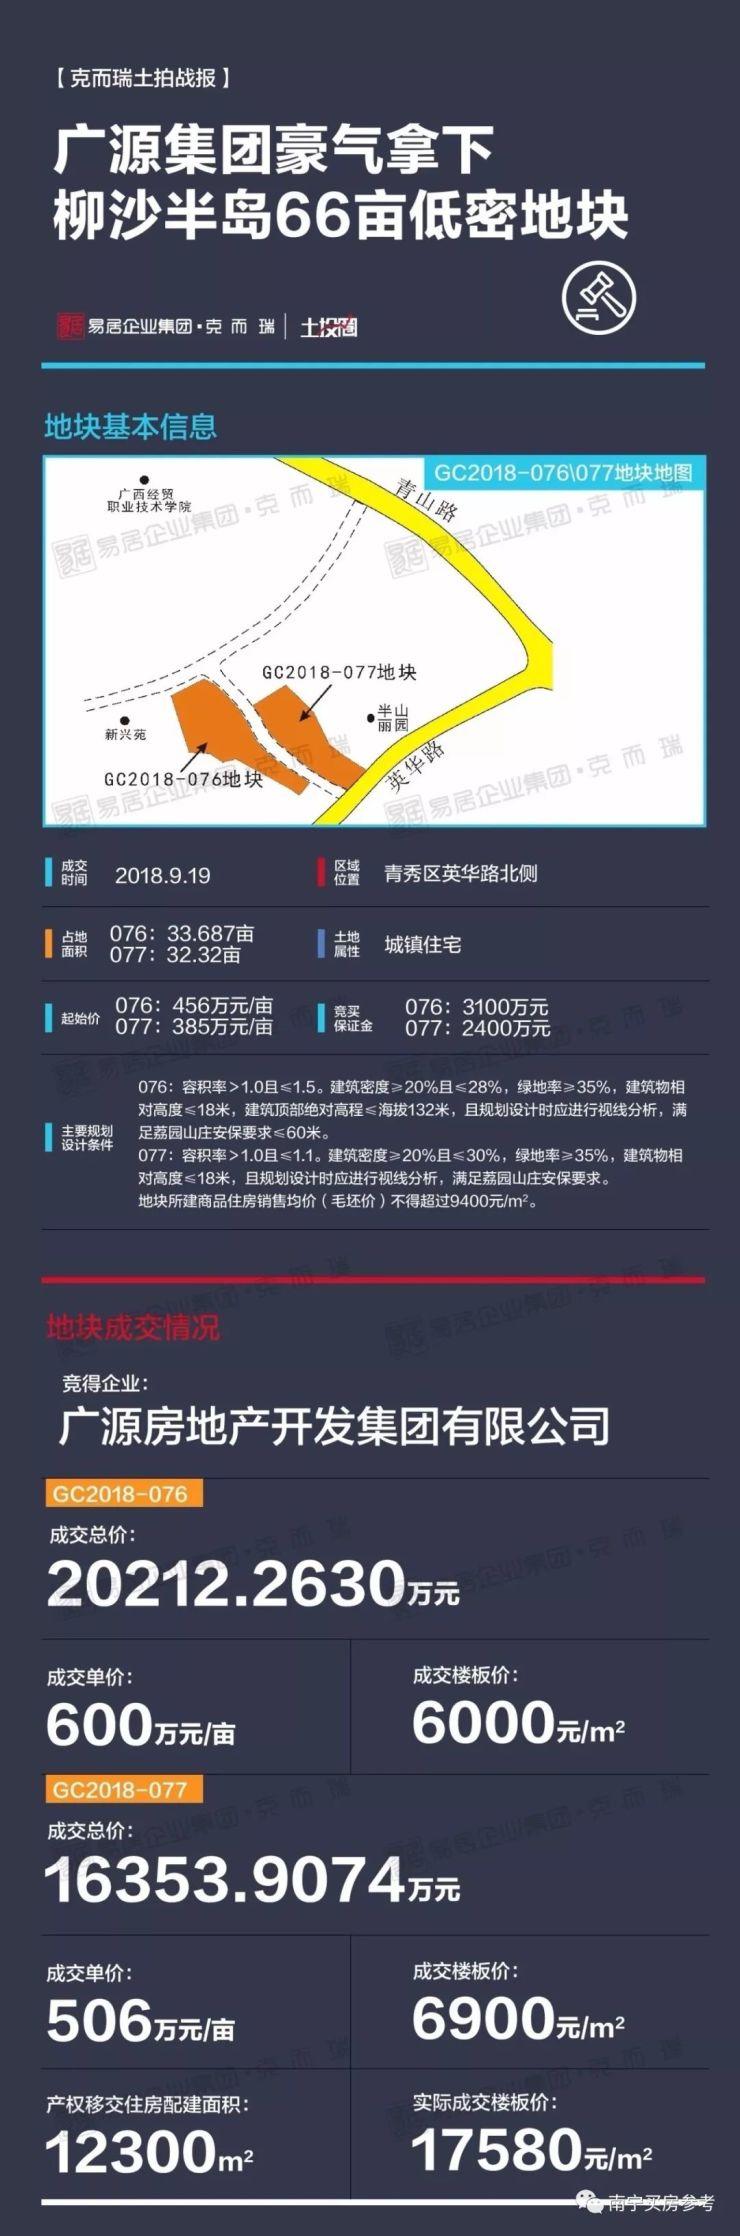 【广源斩获柳沙66亩低密地块】表示将打造高端产品!一地块实测楼面价超1.7万